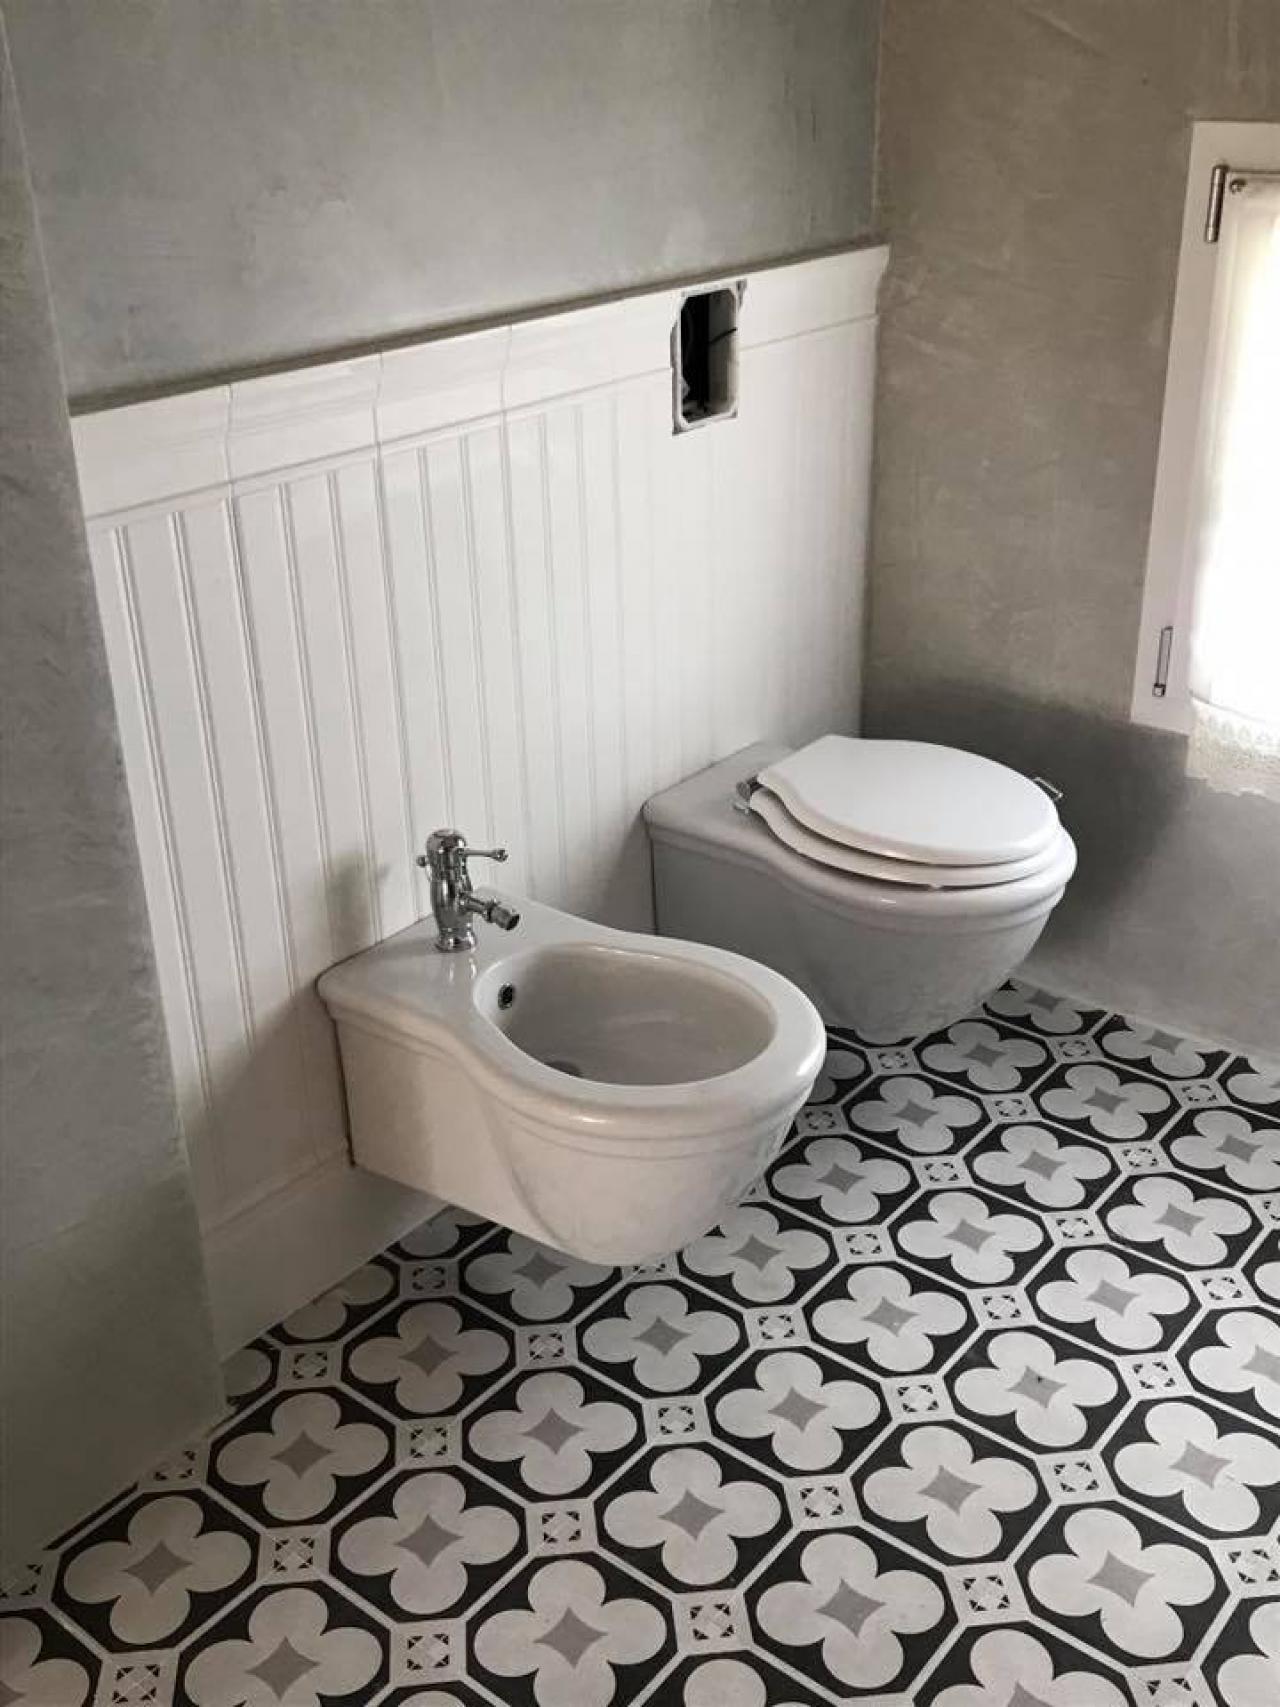 Ceramiche Per Bagno Classico.Boiserie In Ceramica E Cementine Bagno Classico A Vicenza